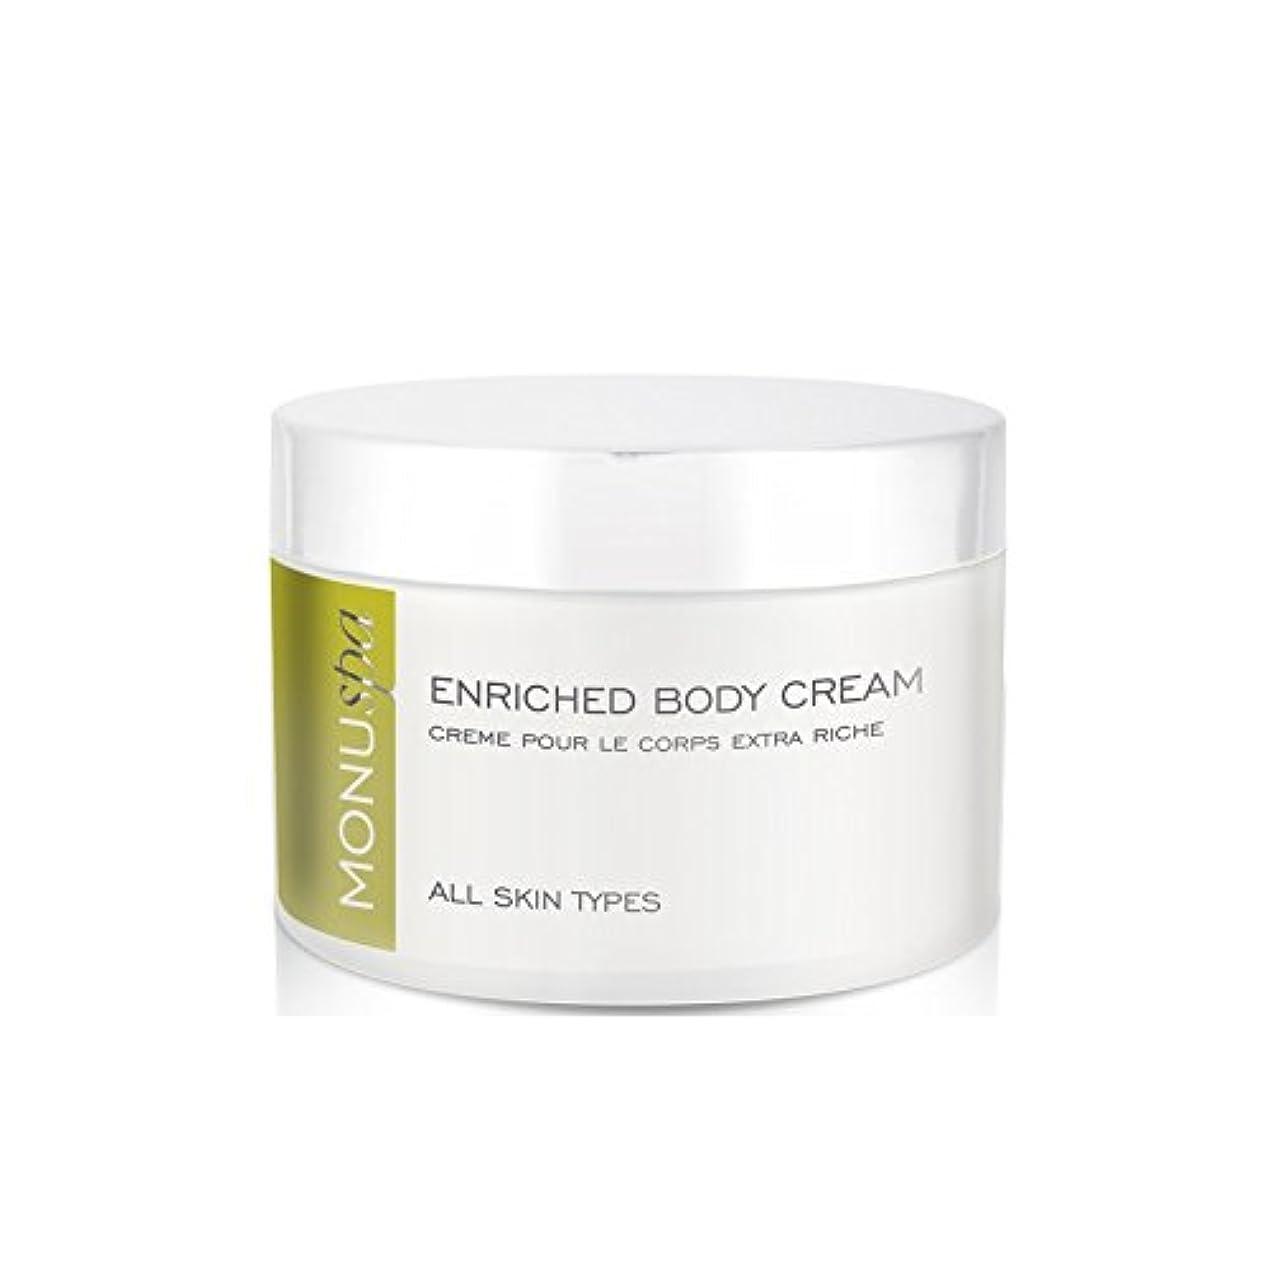 鷲スキップ触覚濃縮ボディクリーム200ミリリットル x4 - MONUspa Enriched Body Cream 200ml (Pack of 4) [並行輸入品]